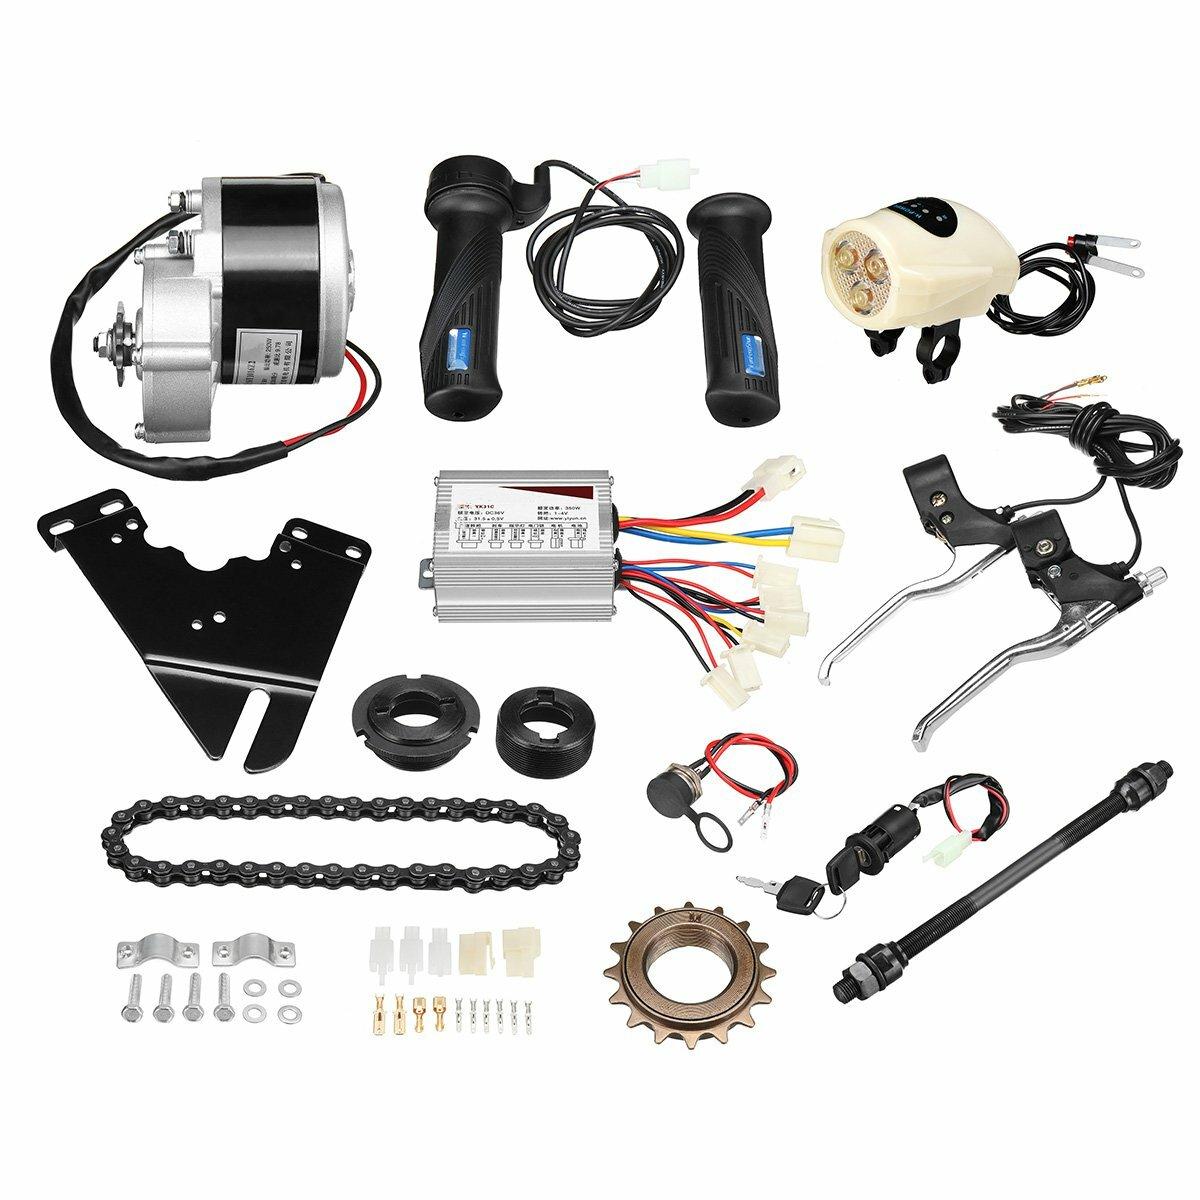 Elektrischer Roller-Umwandlungs-Roller-Motorprüfer Satz 36V 250W für gewöhnliches Fahrrad 22-28inch